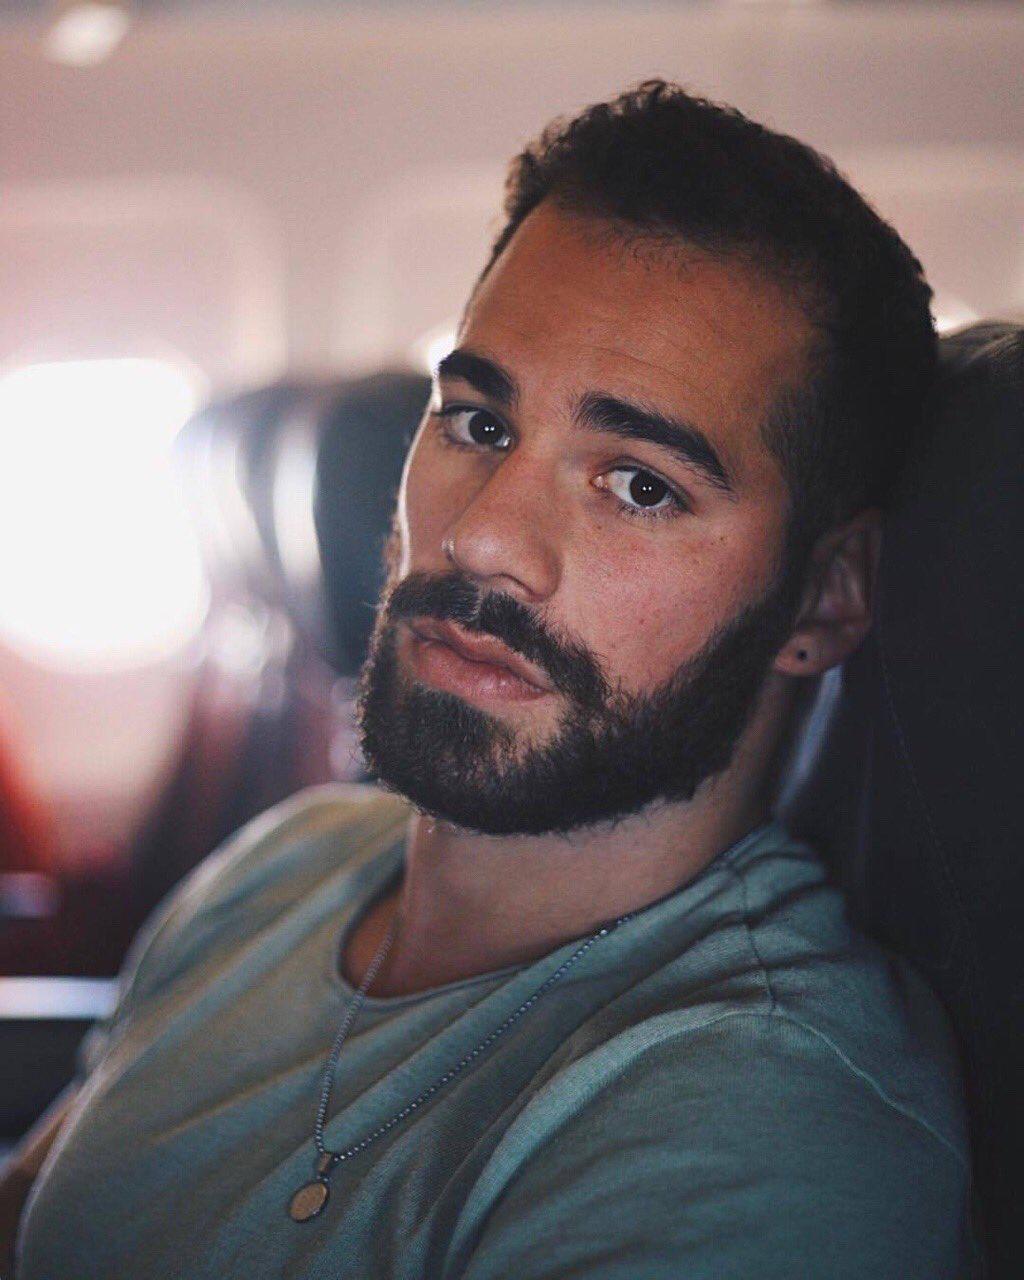 Resultado de imagen para bearded guy sexy